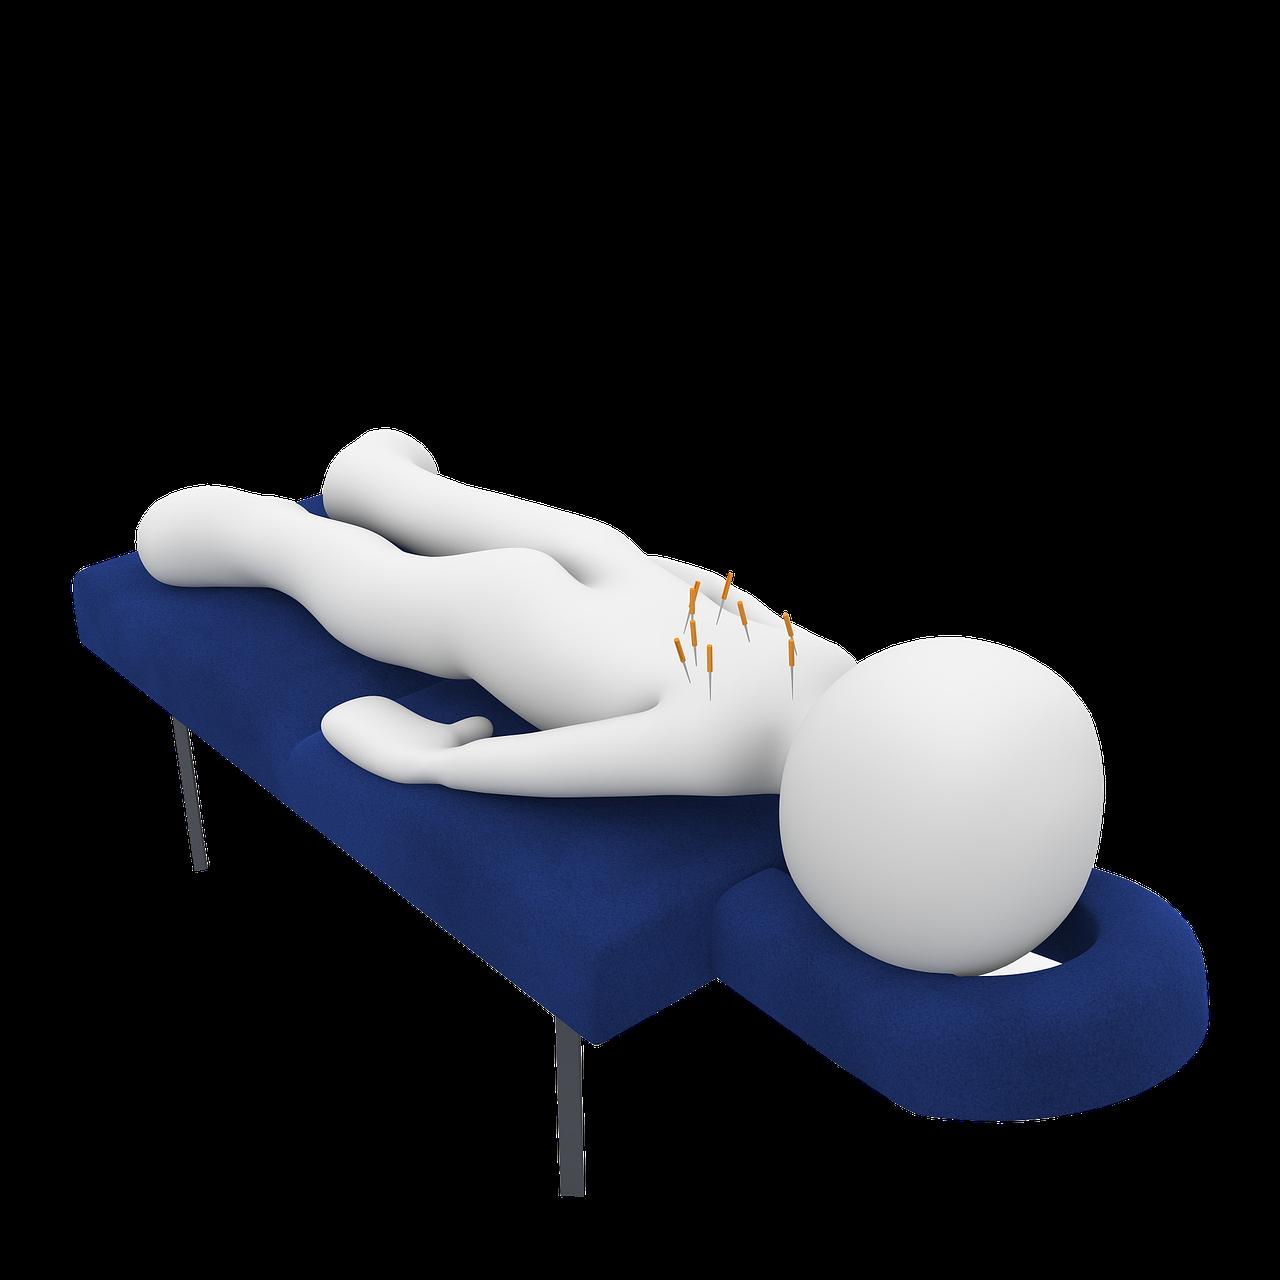 Fysiotherapie Versteeg kinderfysio